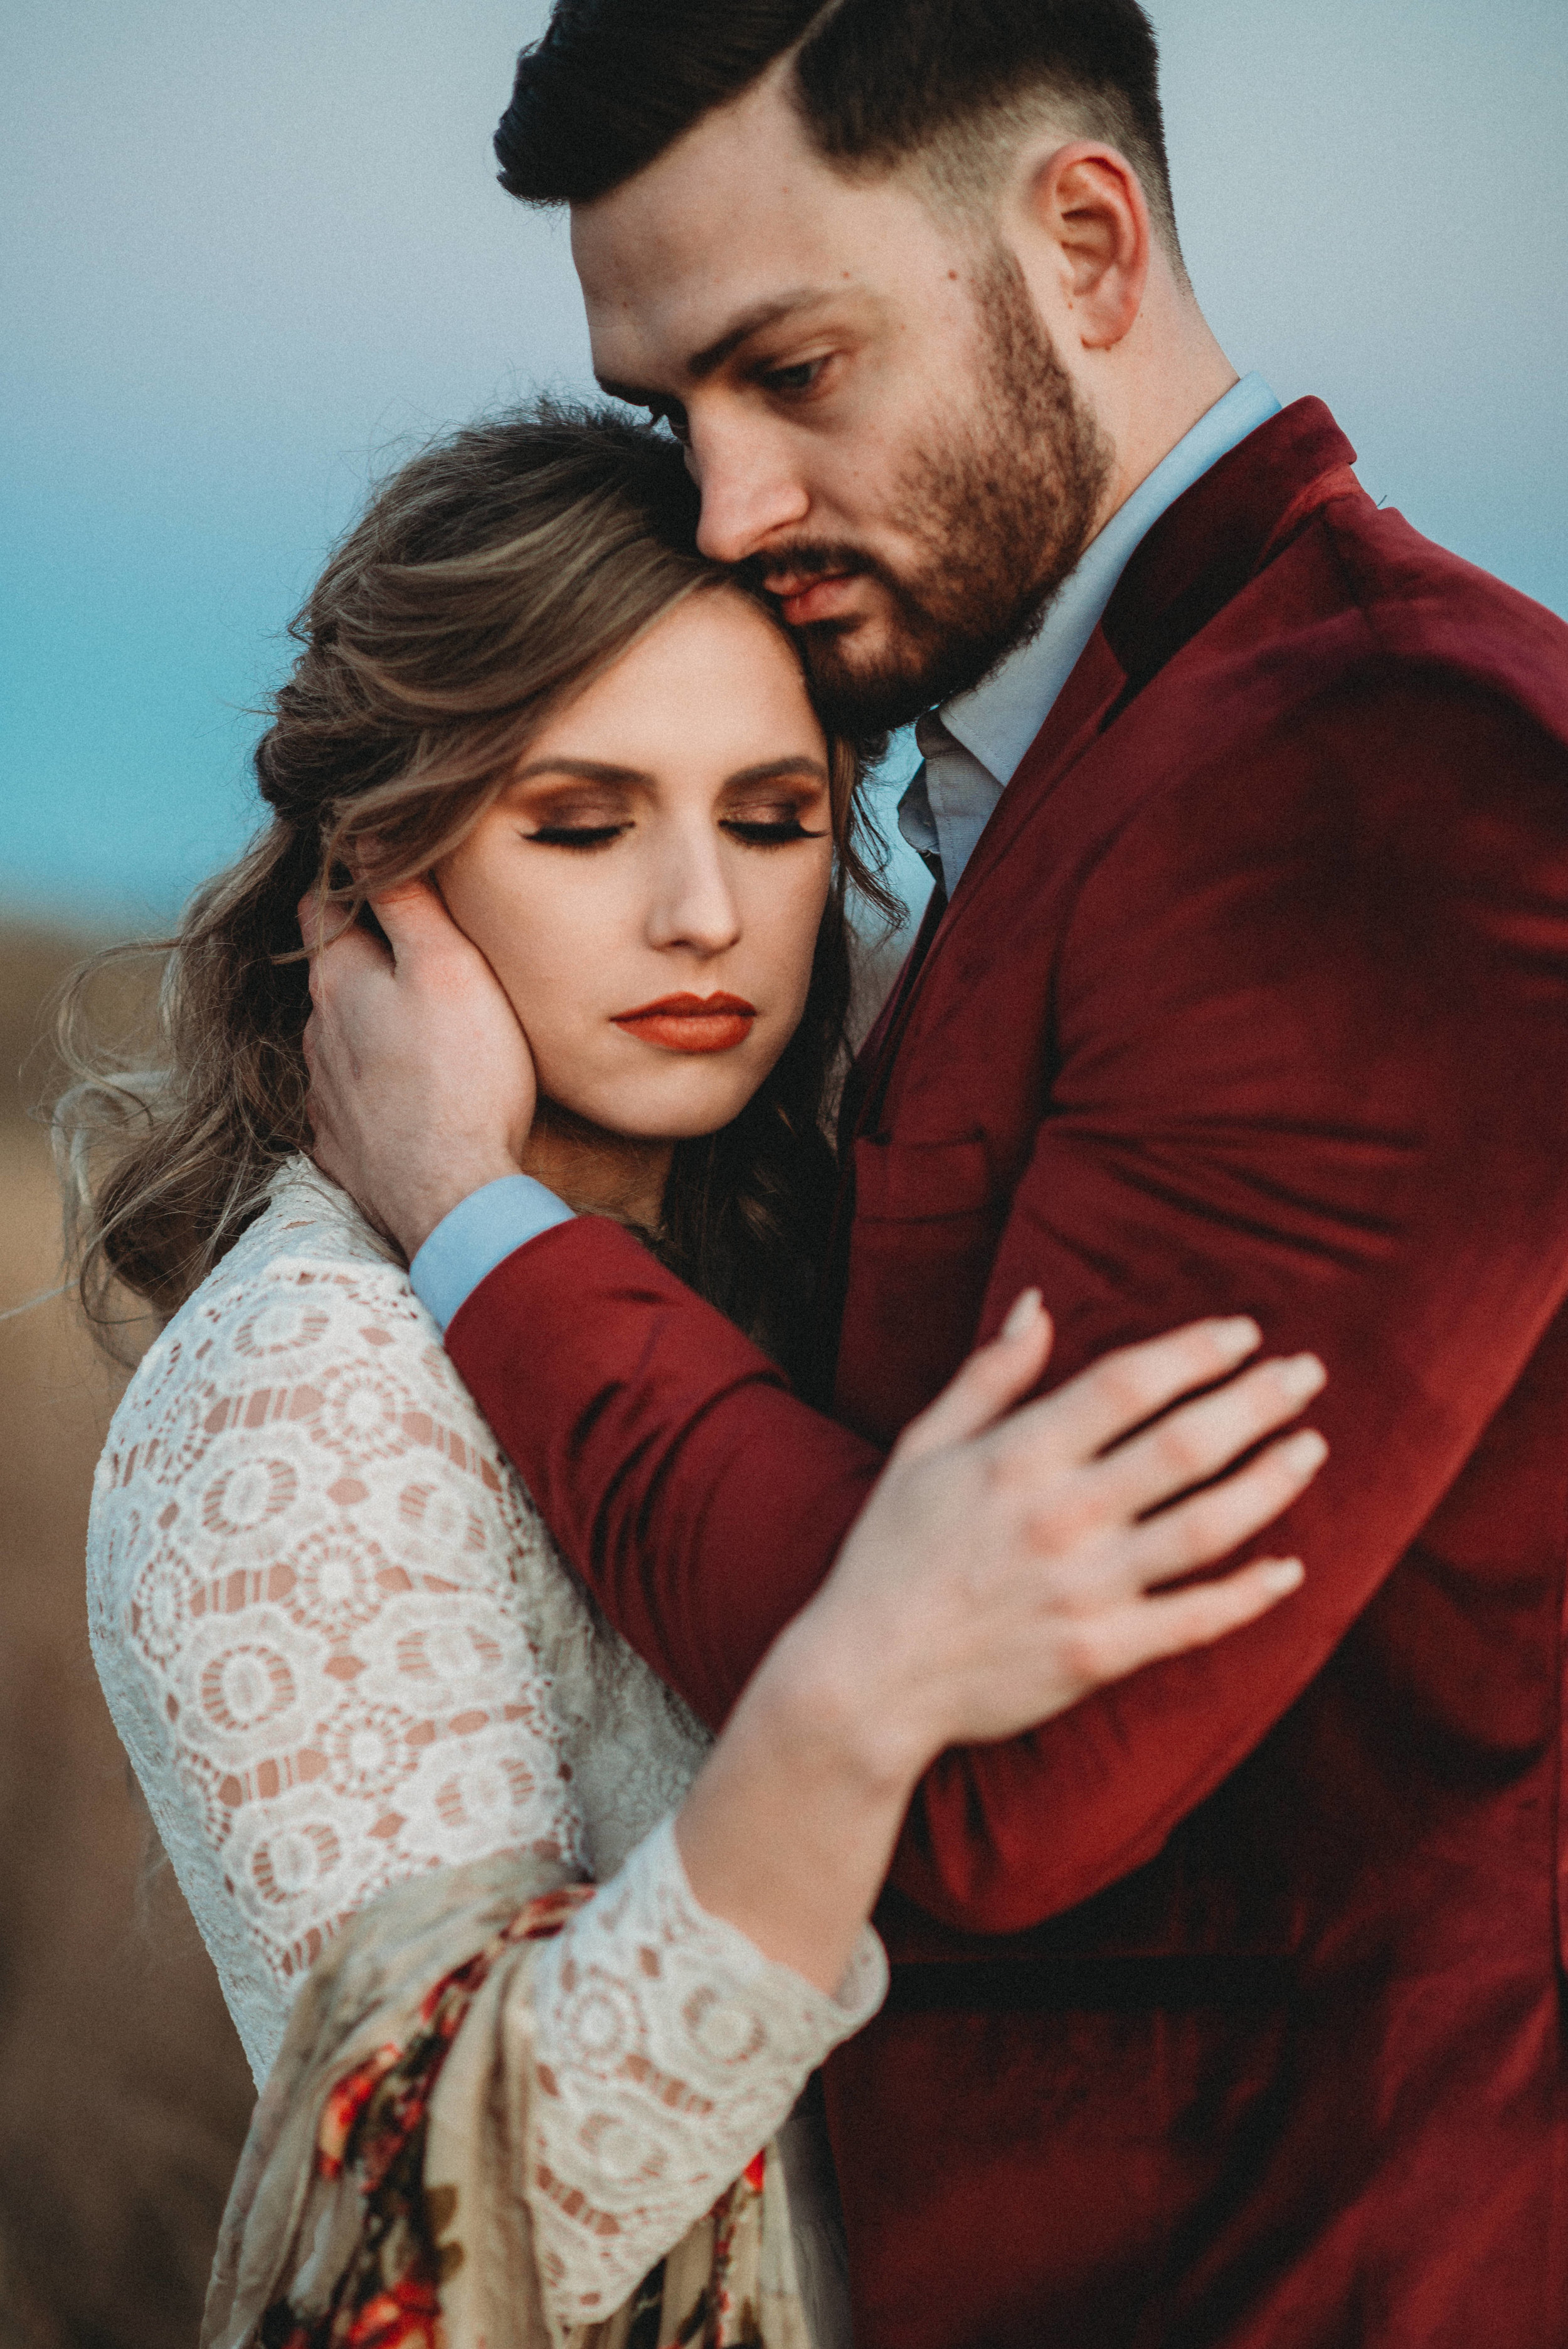 lexington-kentucky-wedding-photographer-couple